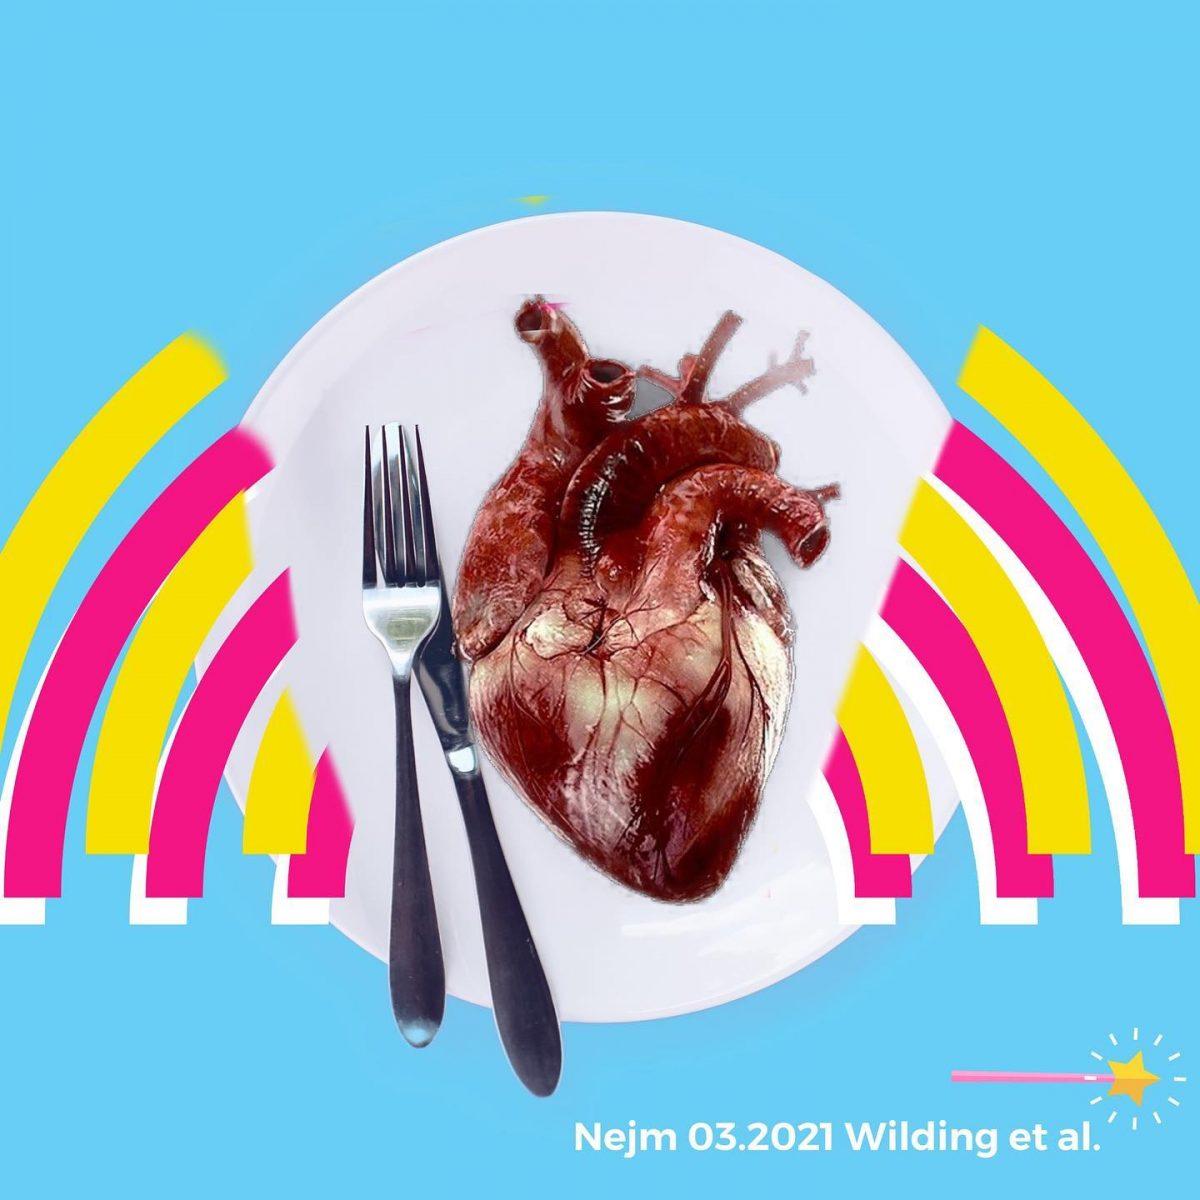 cuore-e-forchette-1200x1200.jpg